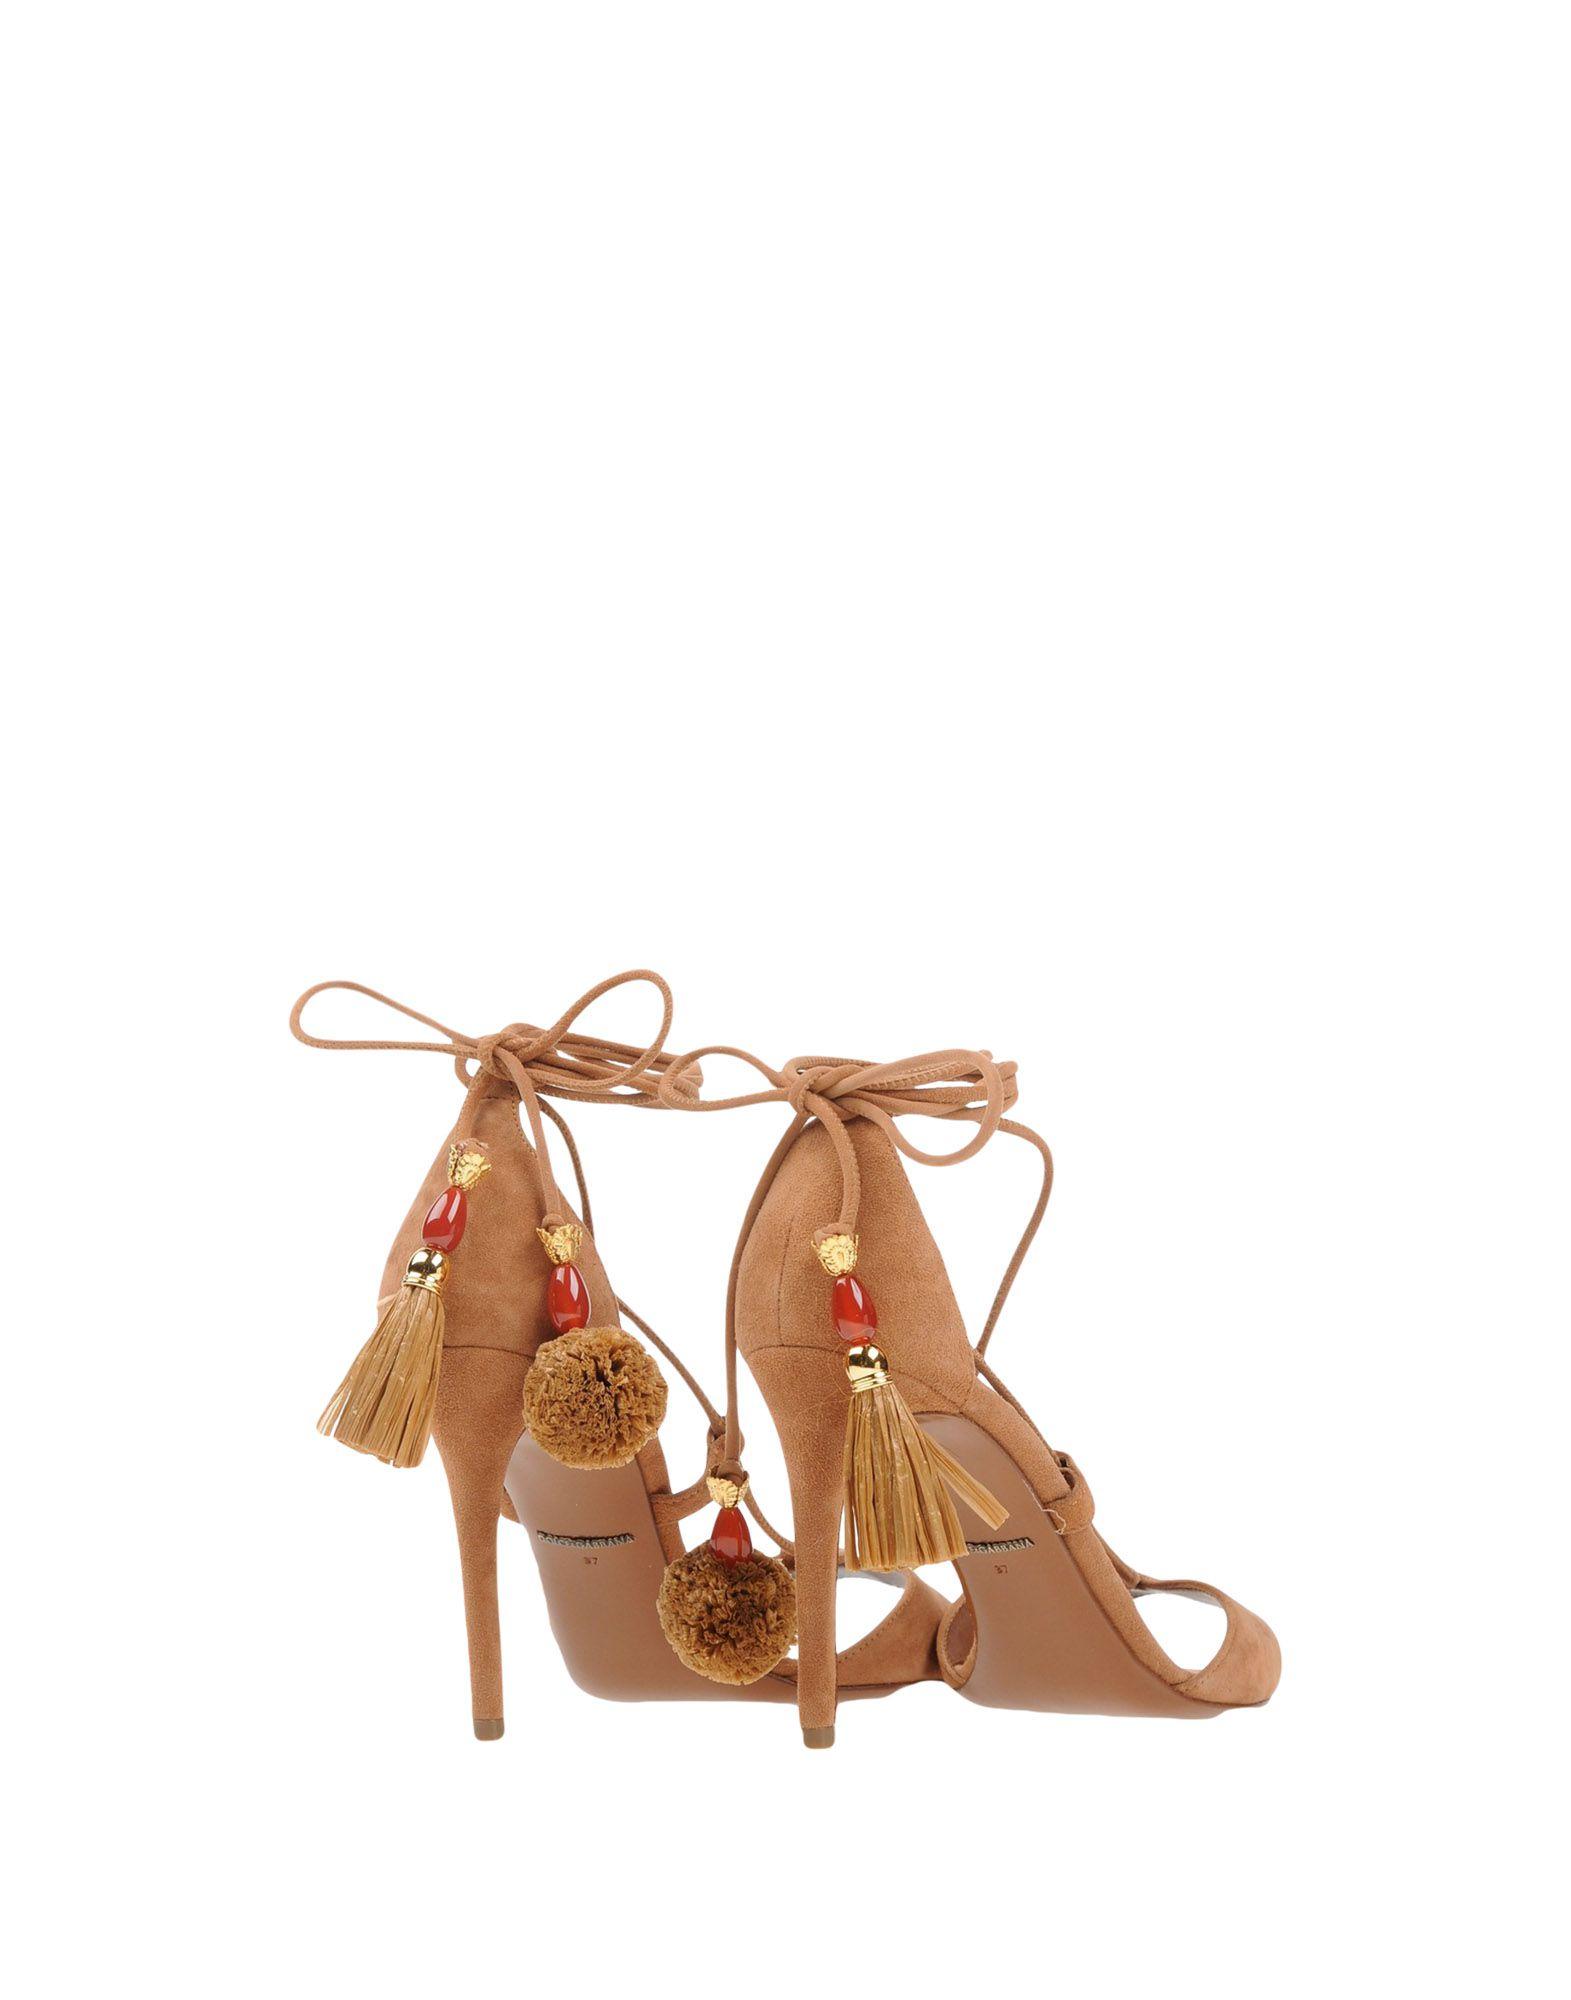 dolce & amp; gabbana sandales - femmes femmes femmes dolce & amp; gabbana sandales en ligne sur canada 1564ef